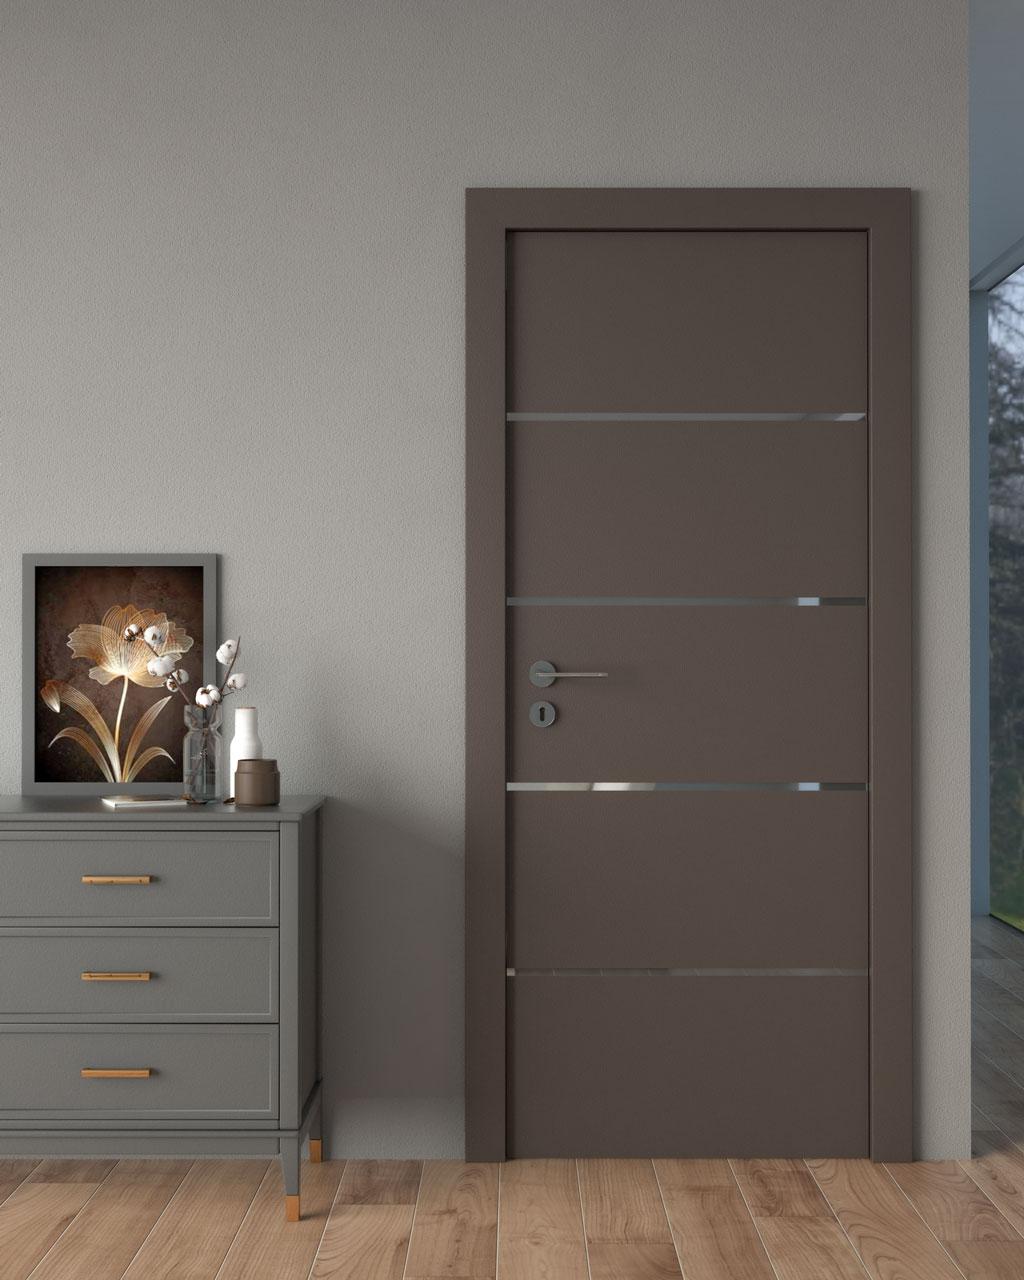 Dark brown door with gray walls